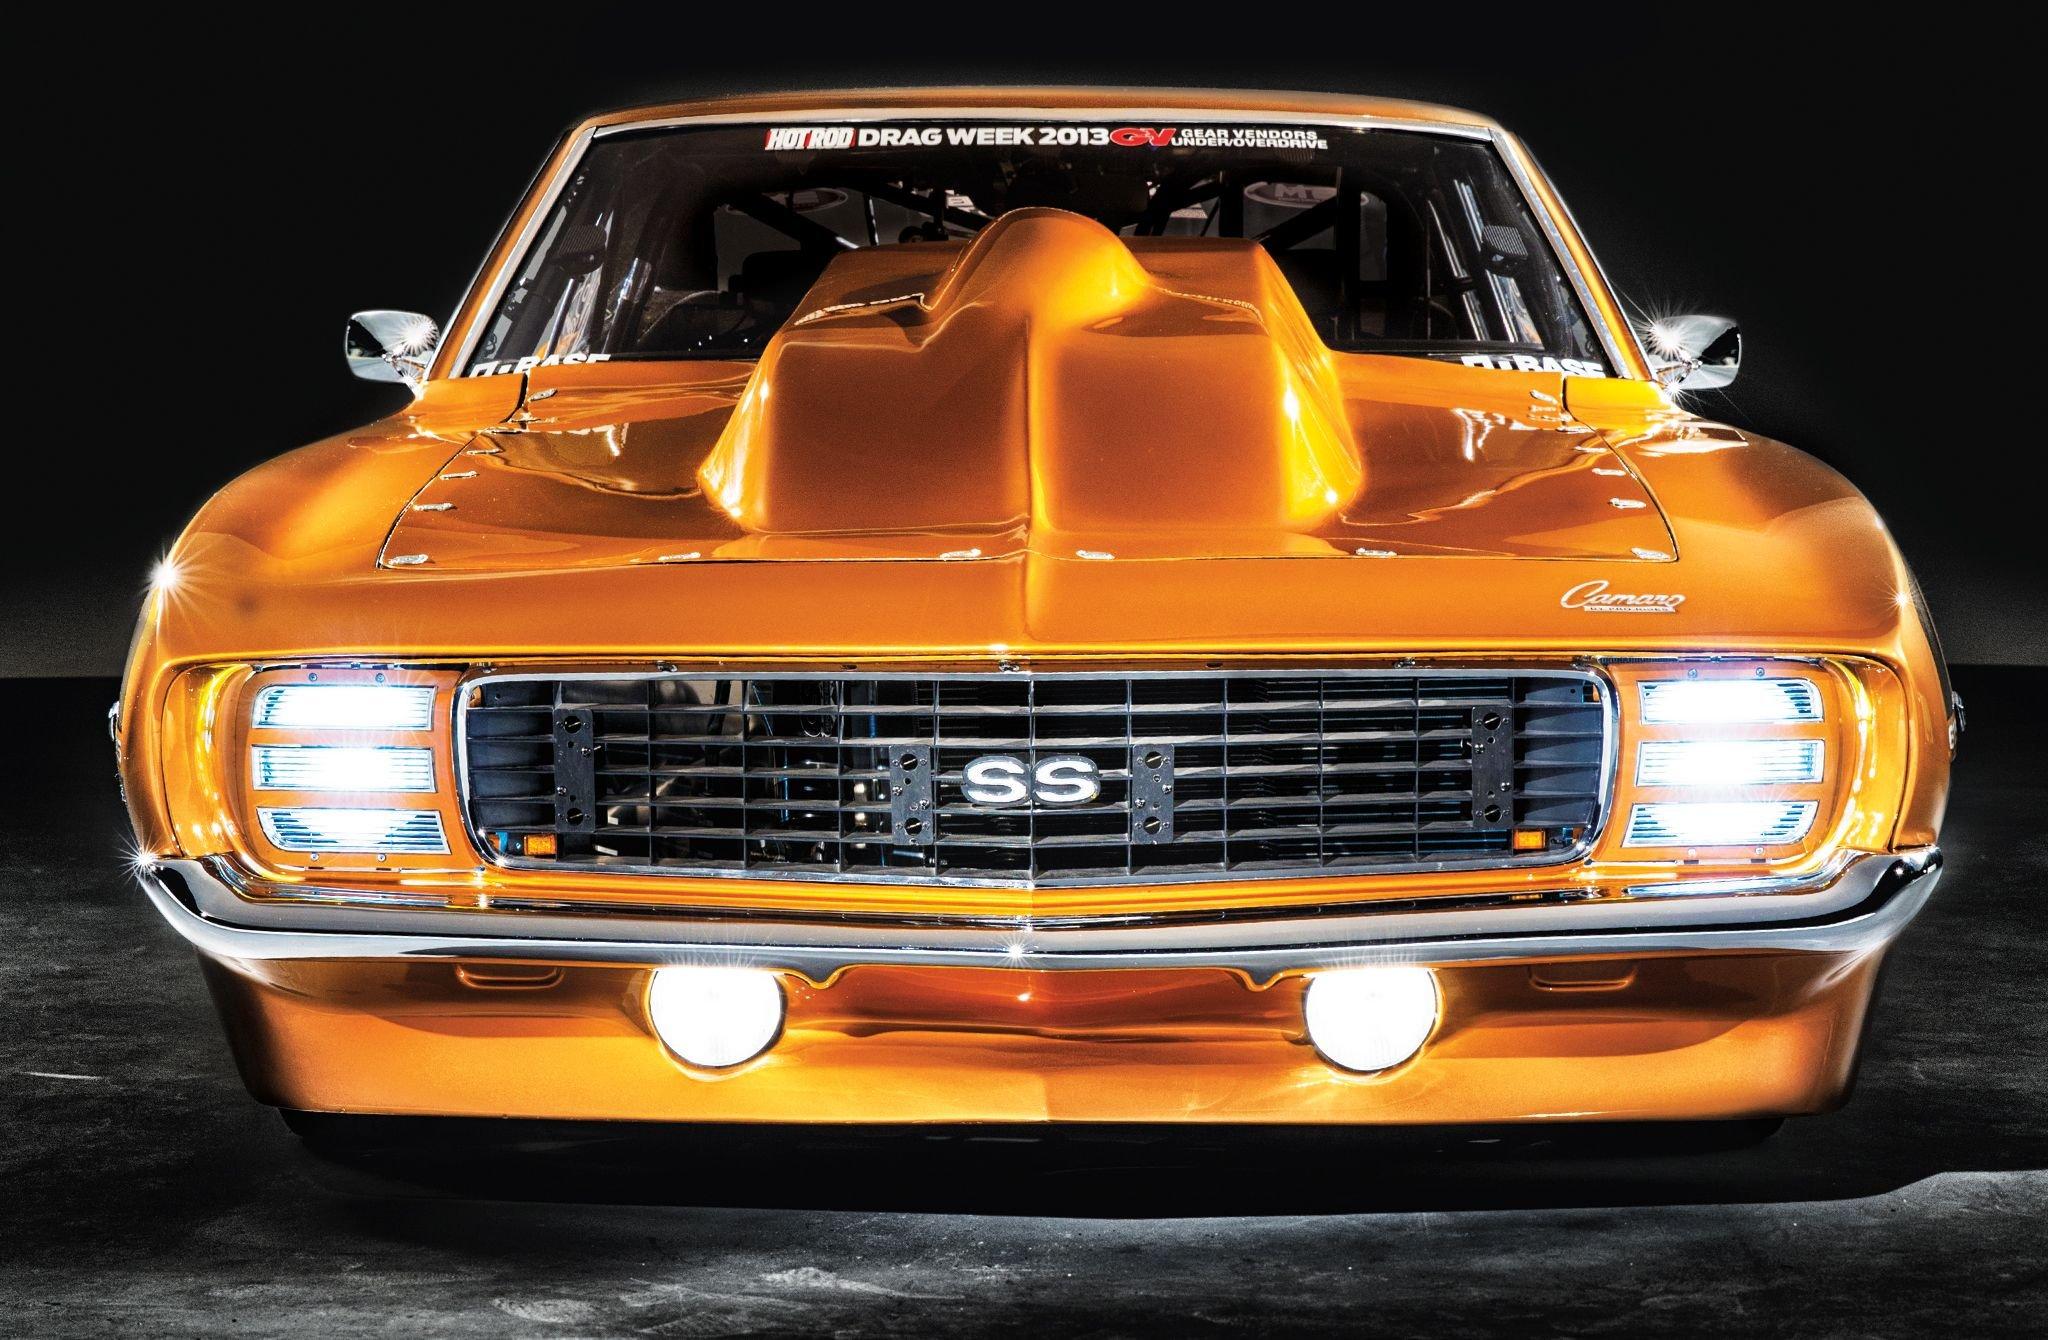 1969 Chevrolet Camaro SS Pro Street-01 wallpaper